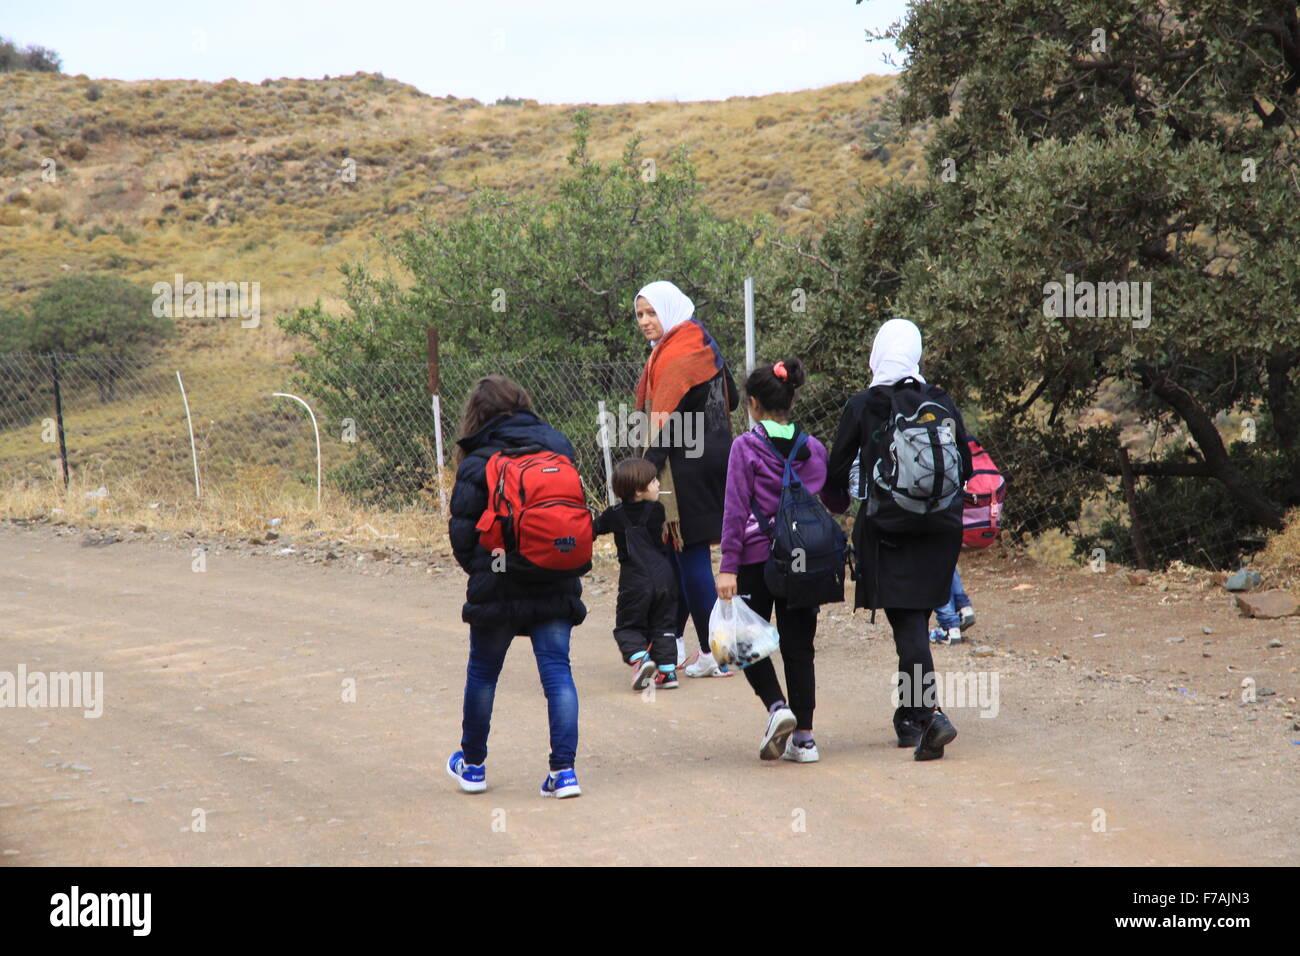 Los refugiados e inmigrantes llegan de familia en Molyvos en la isla de Lesbos en Grecia después de huir de la guerra Foto de stock